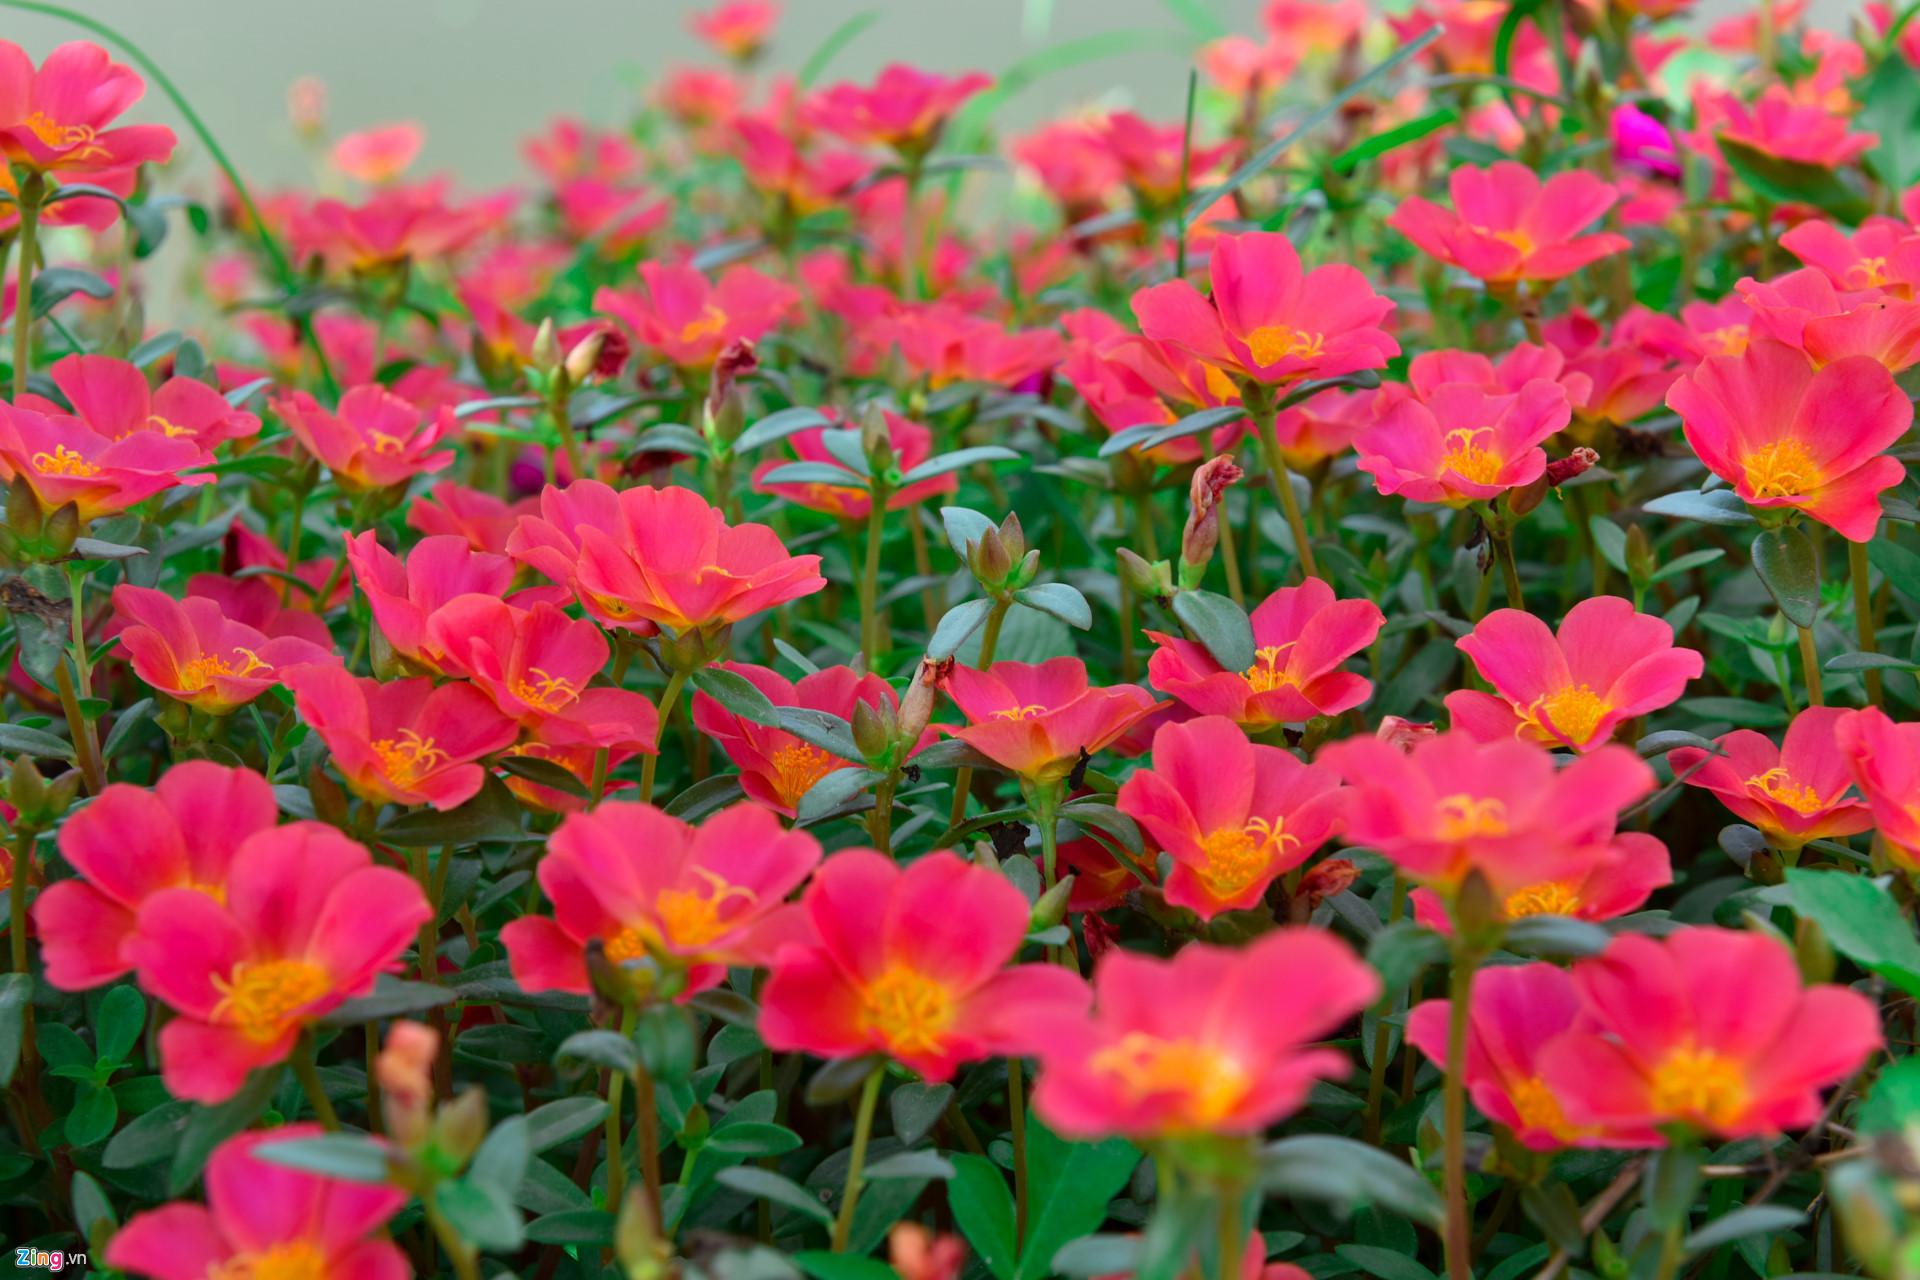 Hoa mười giờ màu đỏ nở rất đẹp